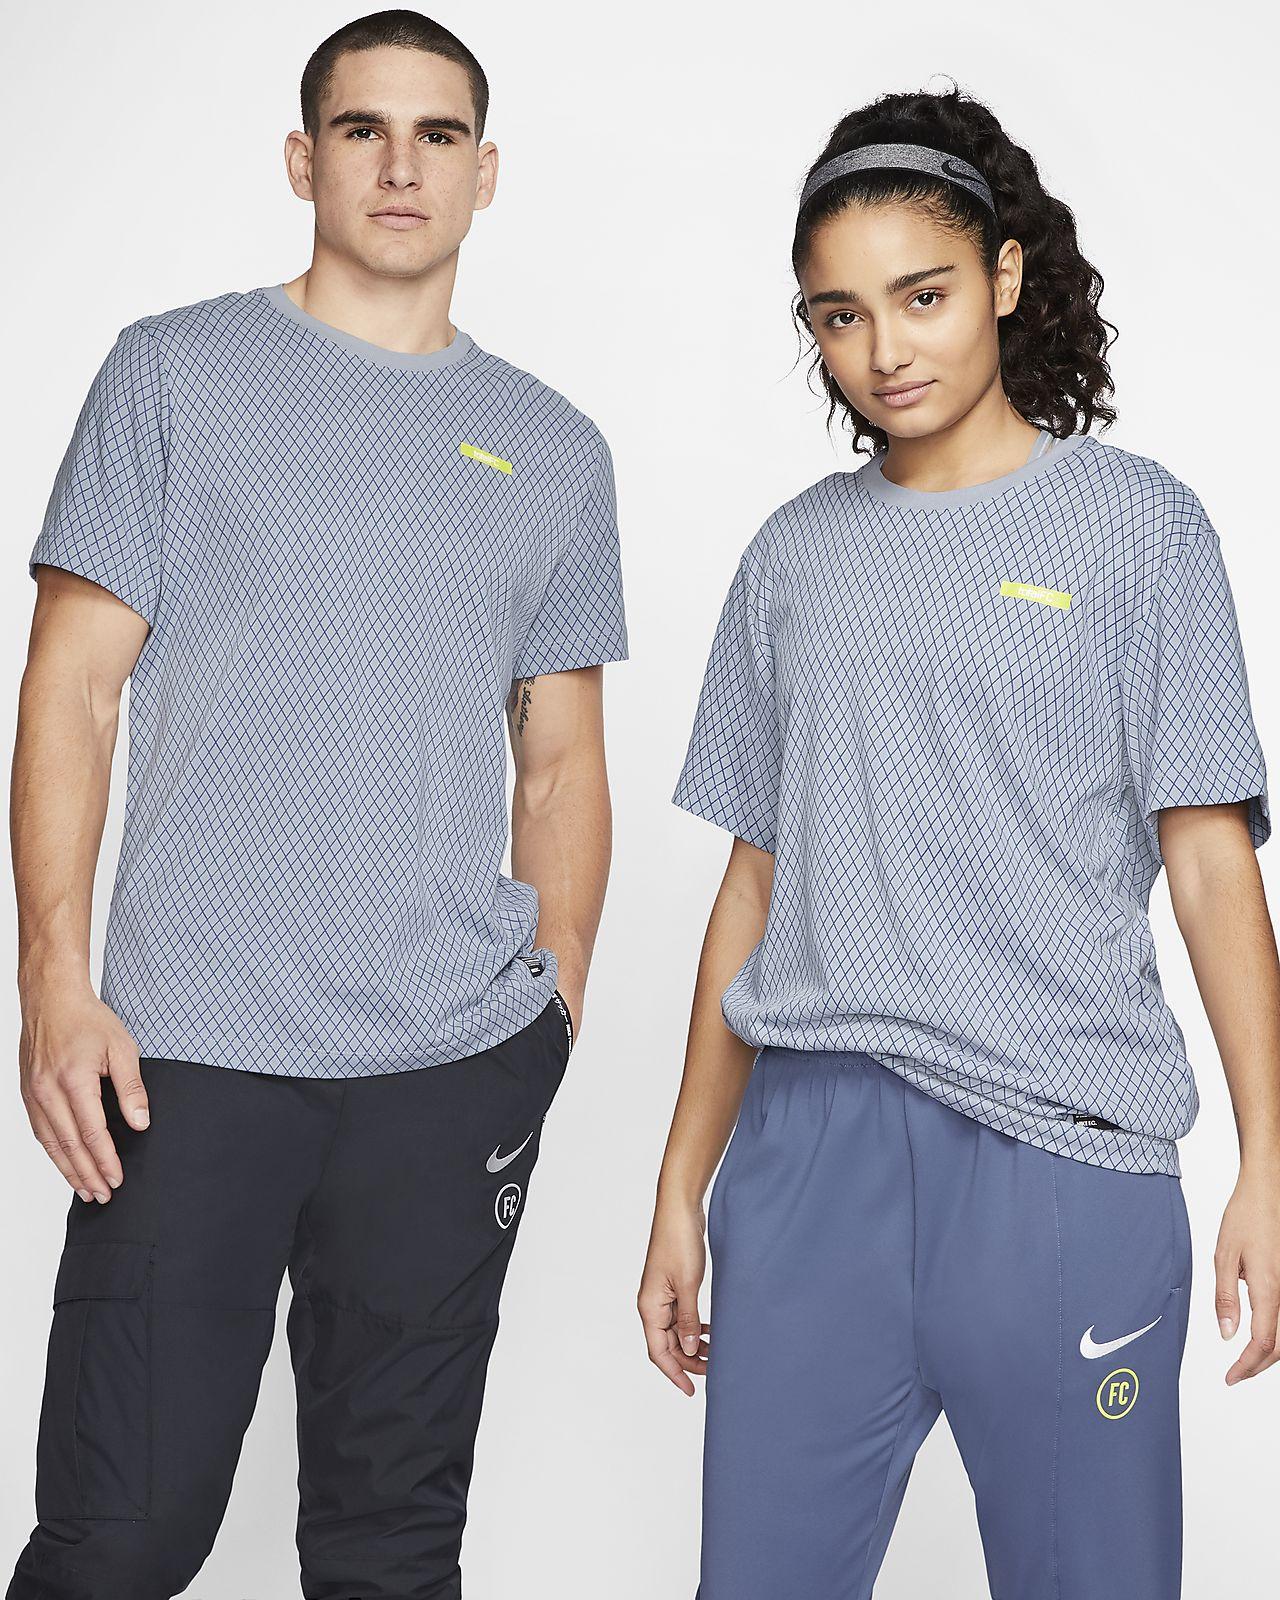 Nike F.C. Erkek Futbol Tişörtü